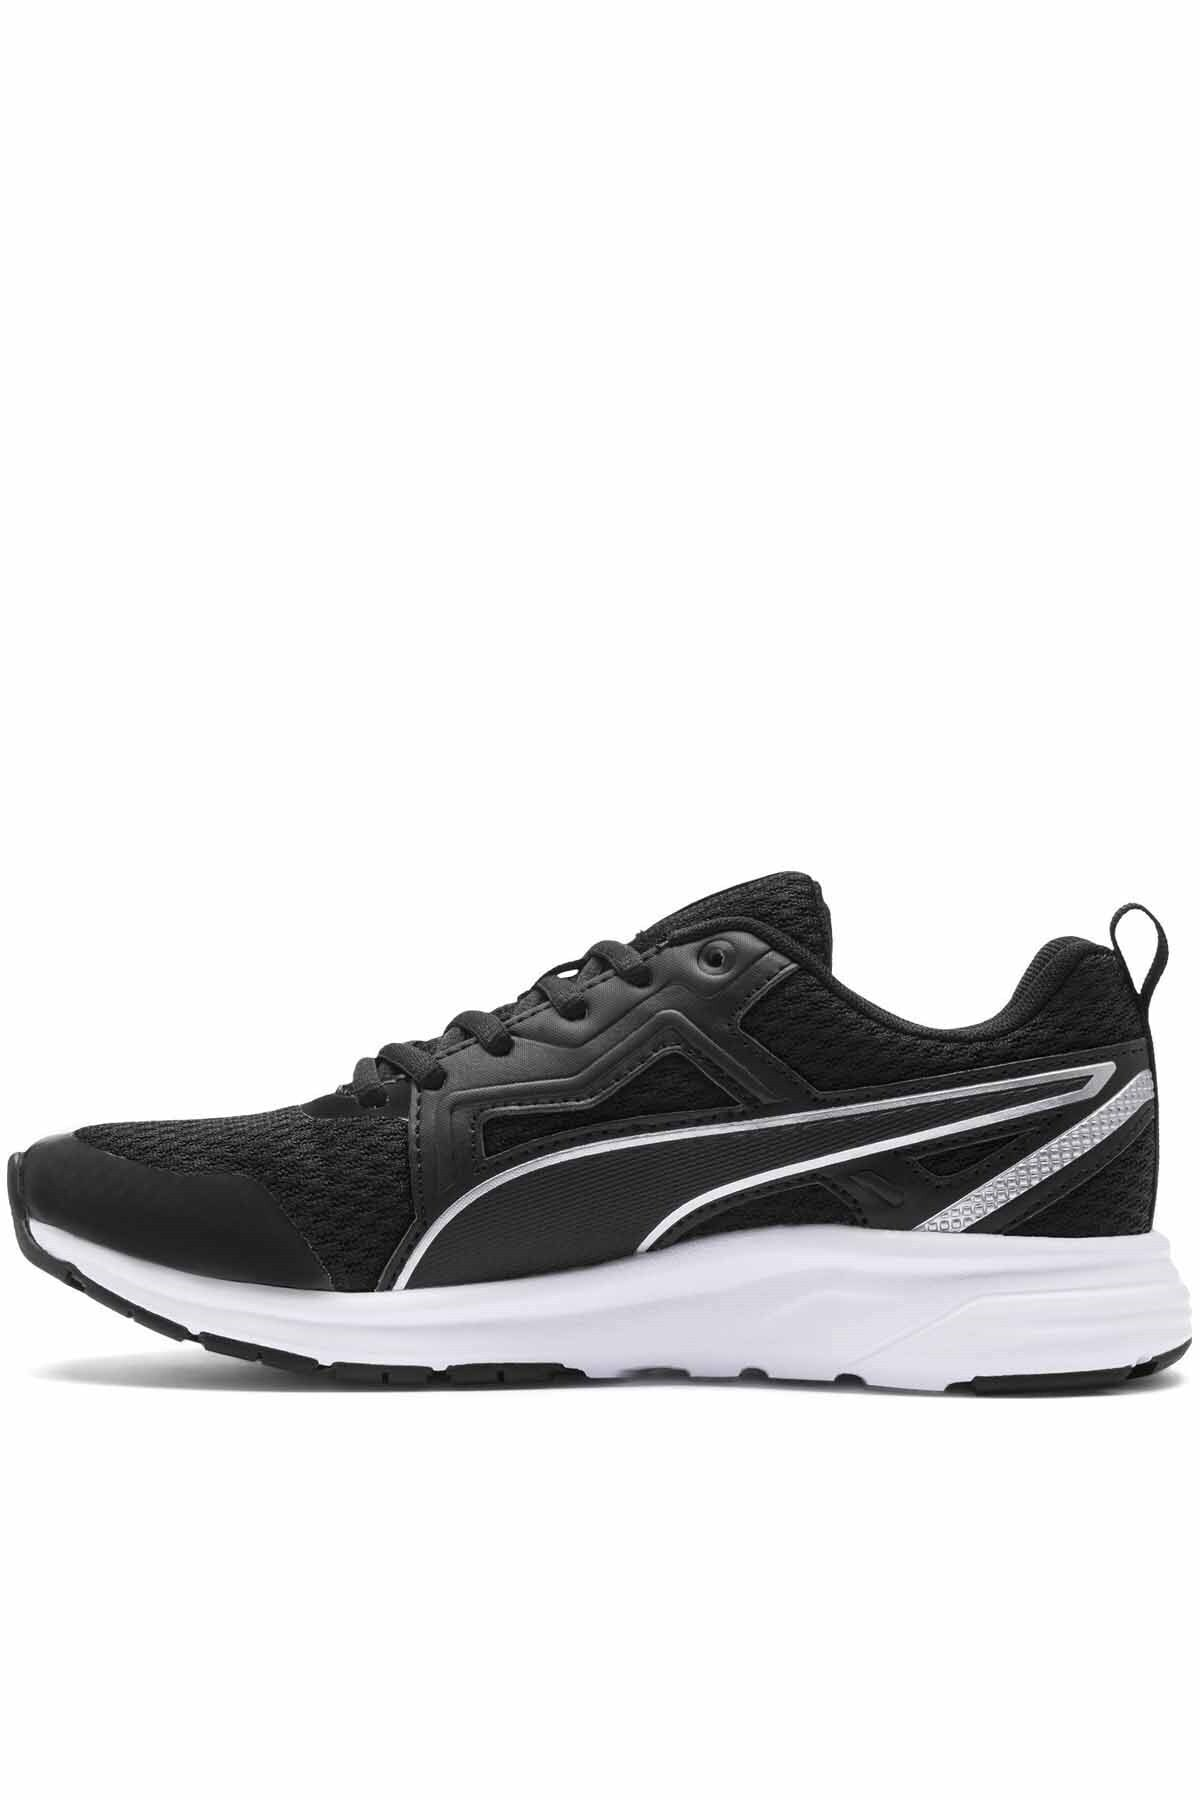 Puma Kadın Siyah Günlük Spor Ayakkabı 370575 01 Pure Jogger Jr 2